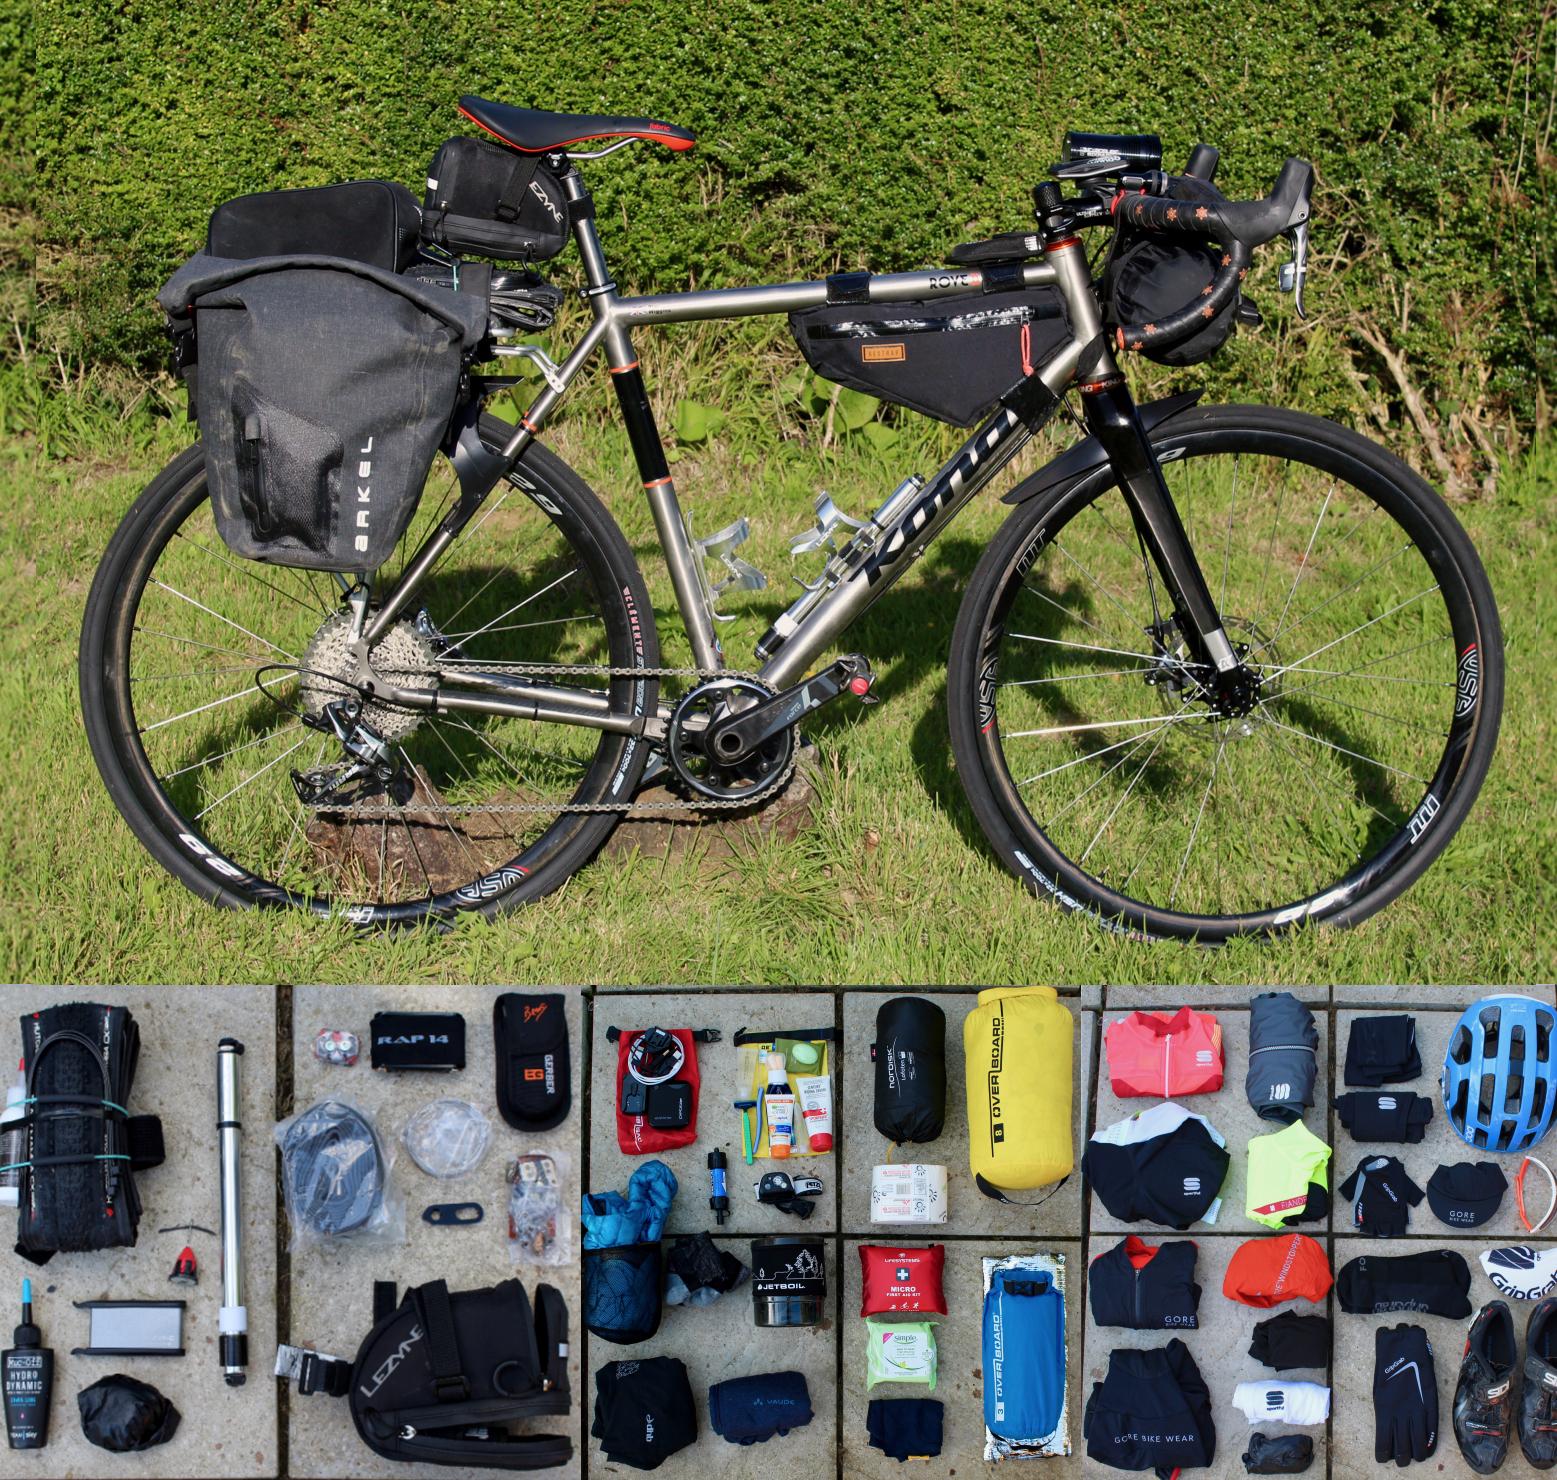 Bikepacking Kit Layout